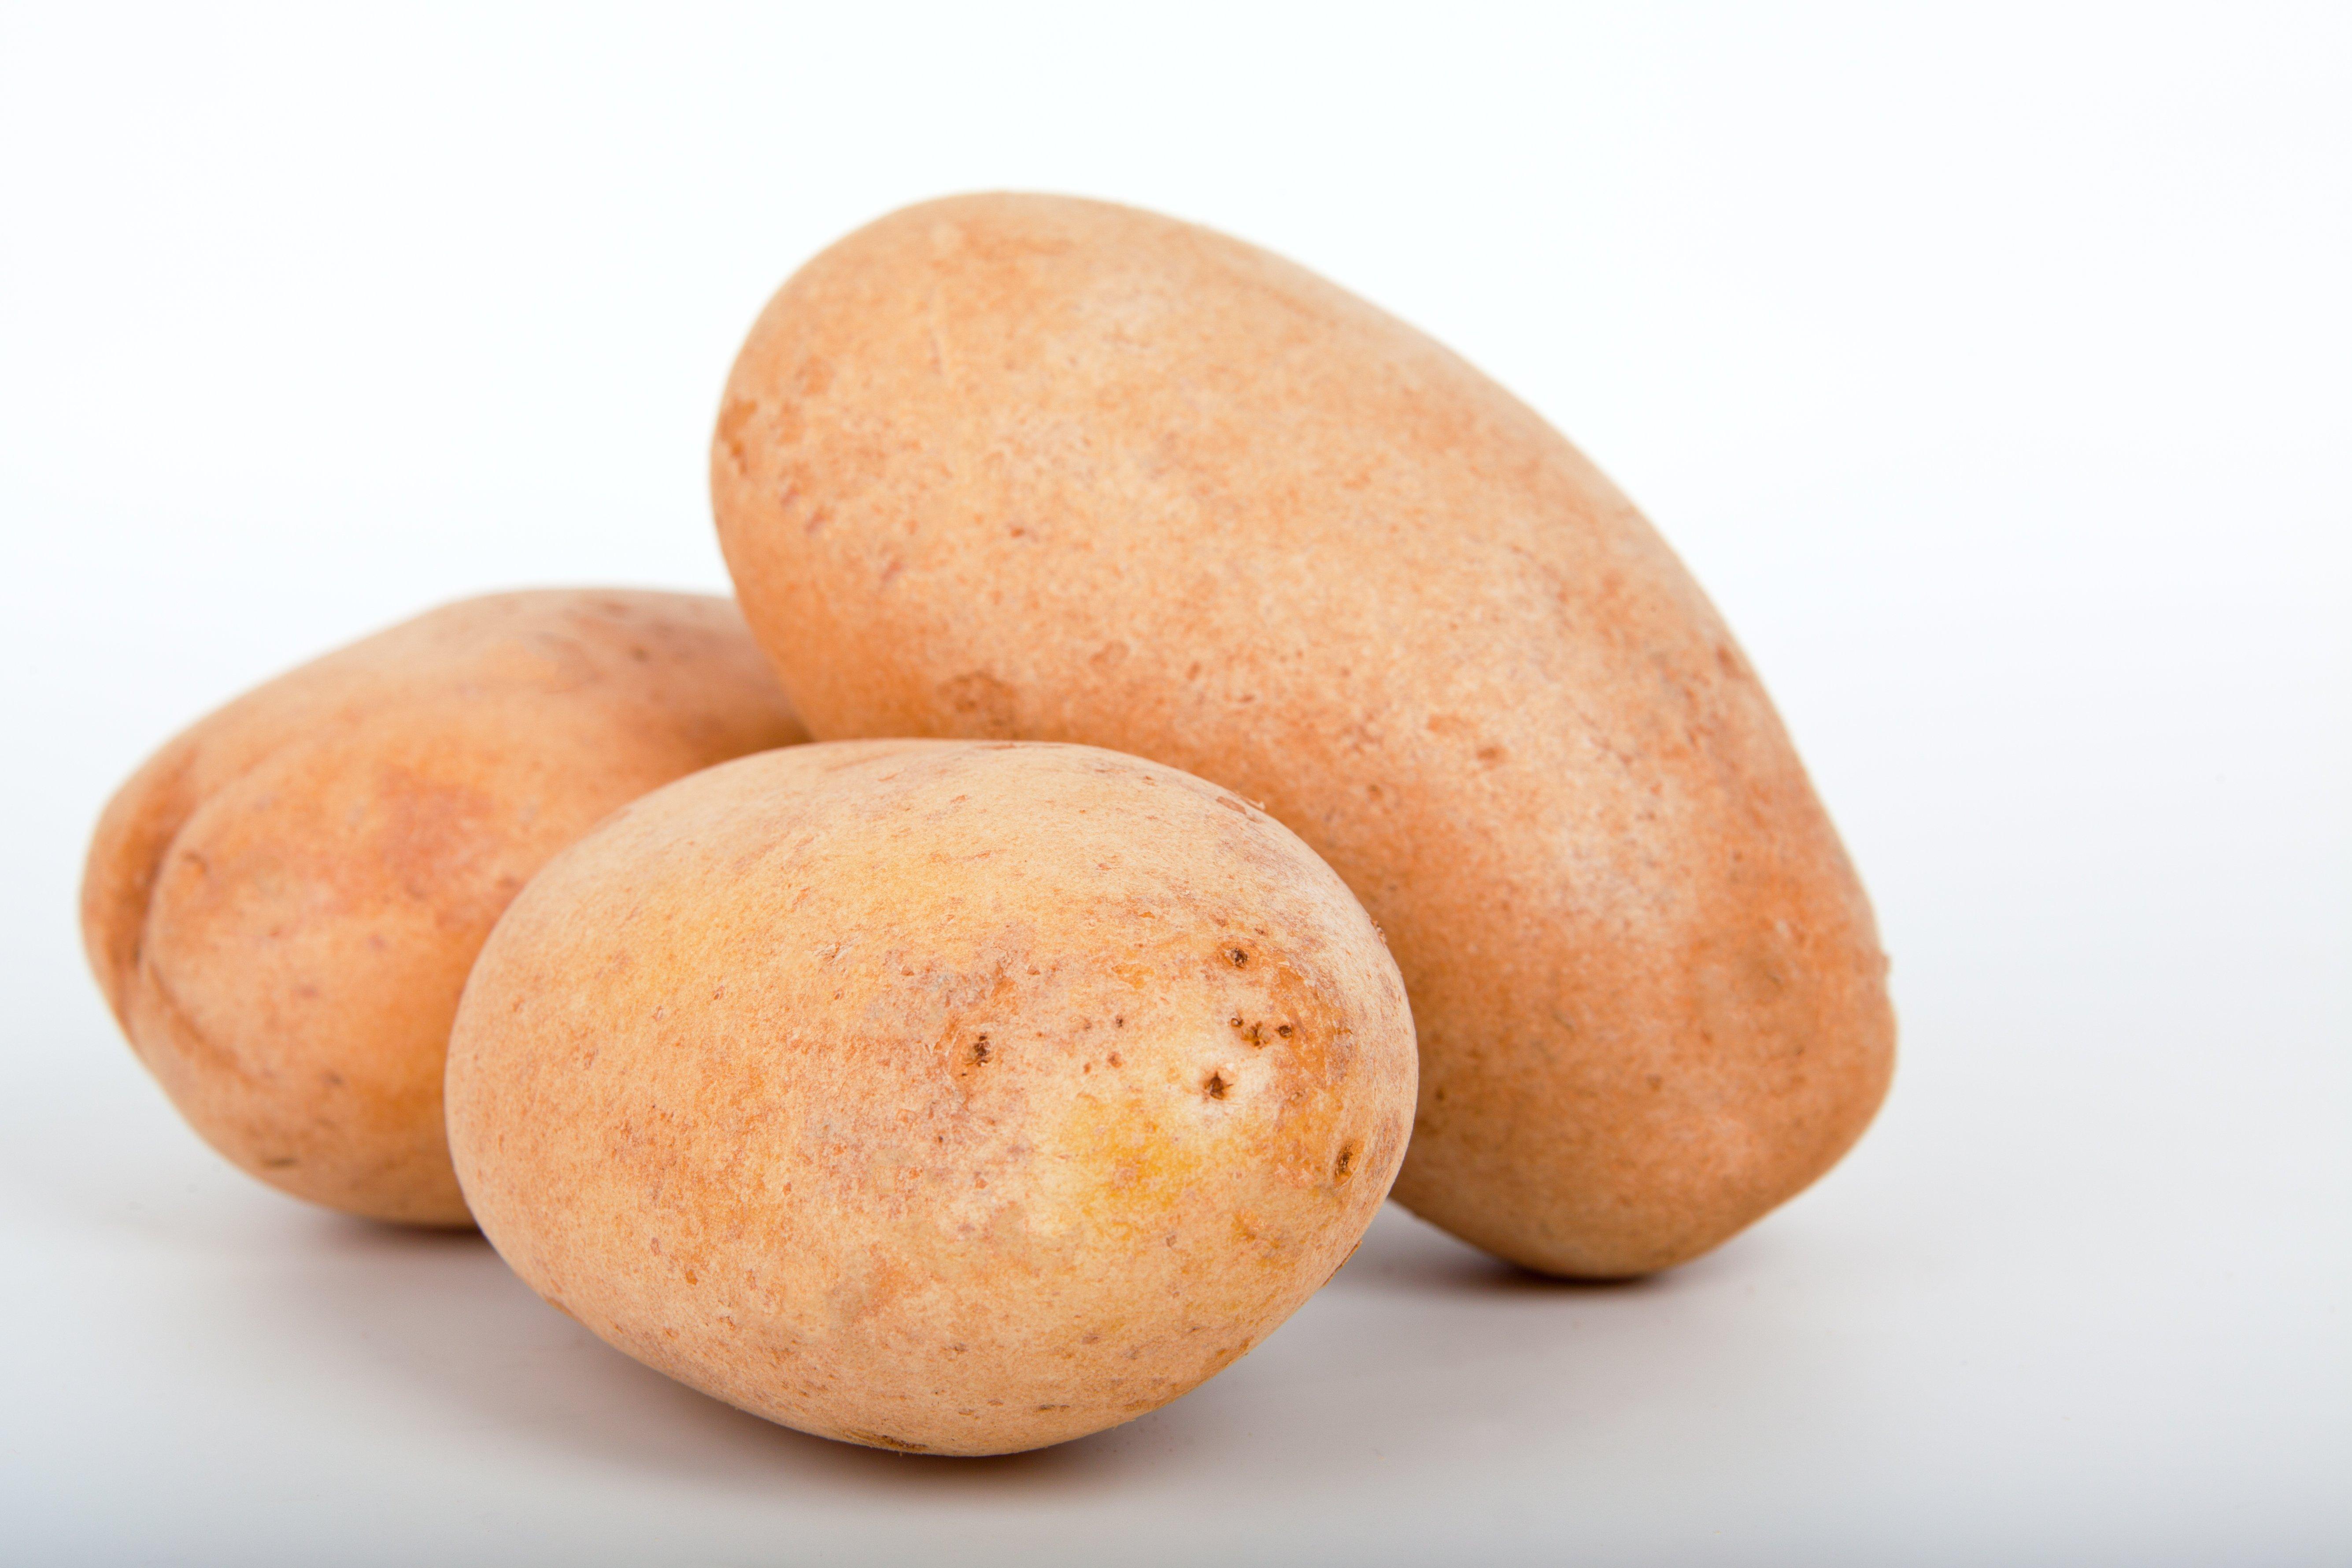 Kartoffel Bilder Kostenlos kostenlose foto weiß frucht isoliert lebensmittel produzieren